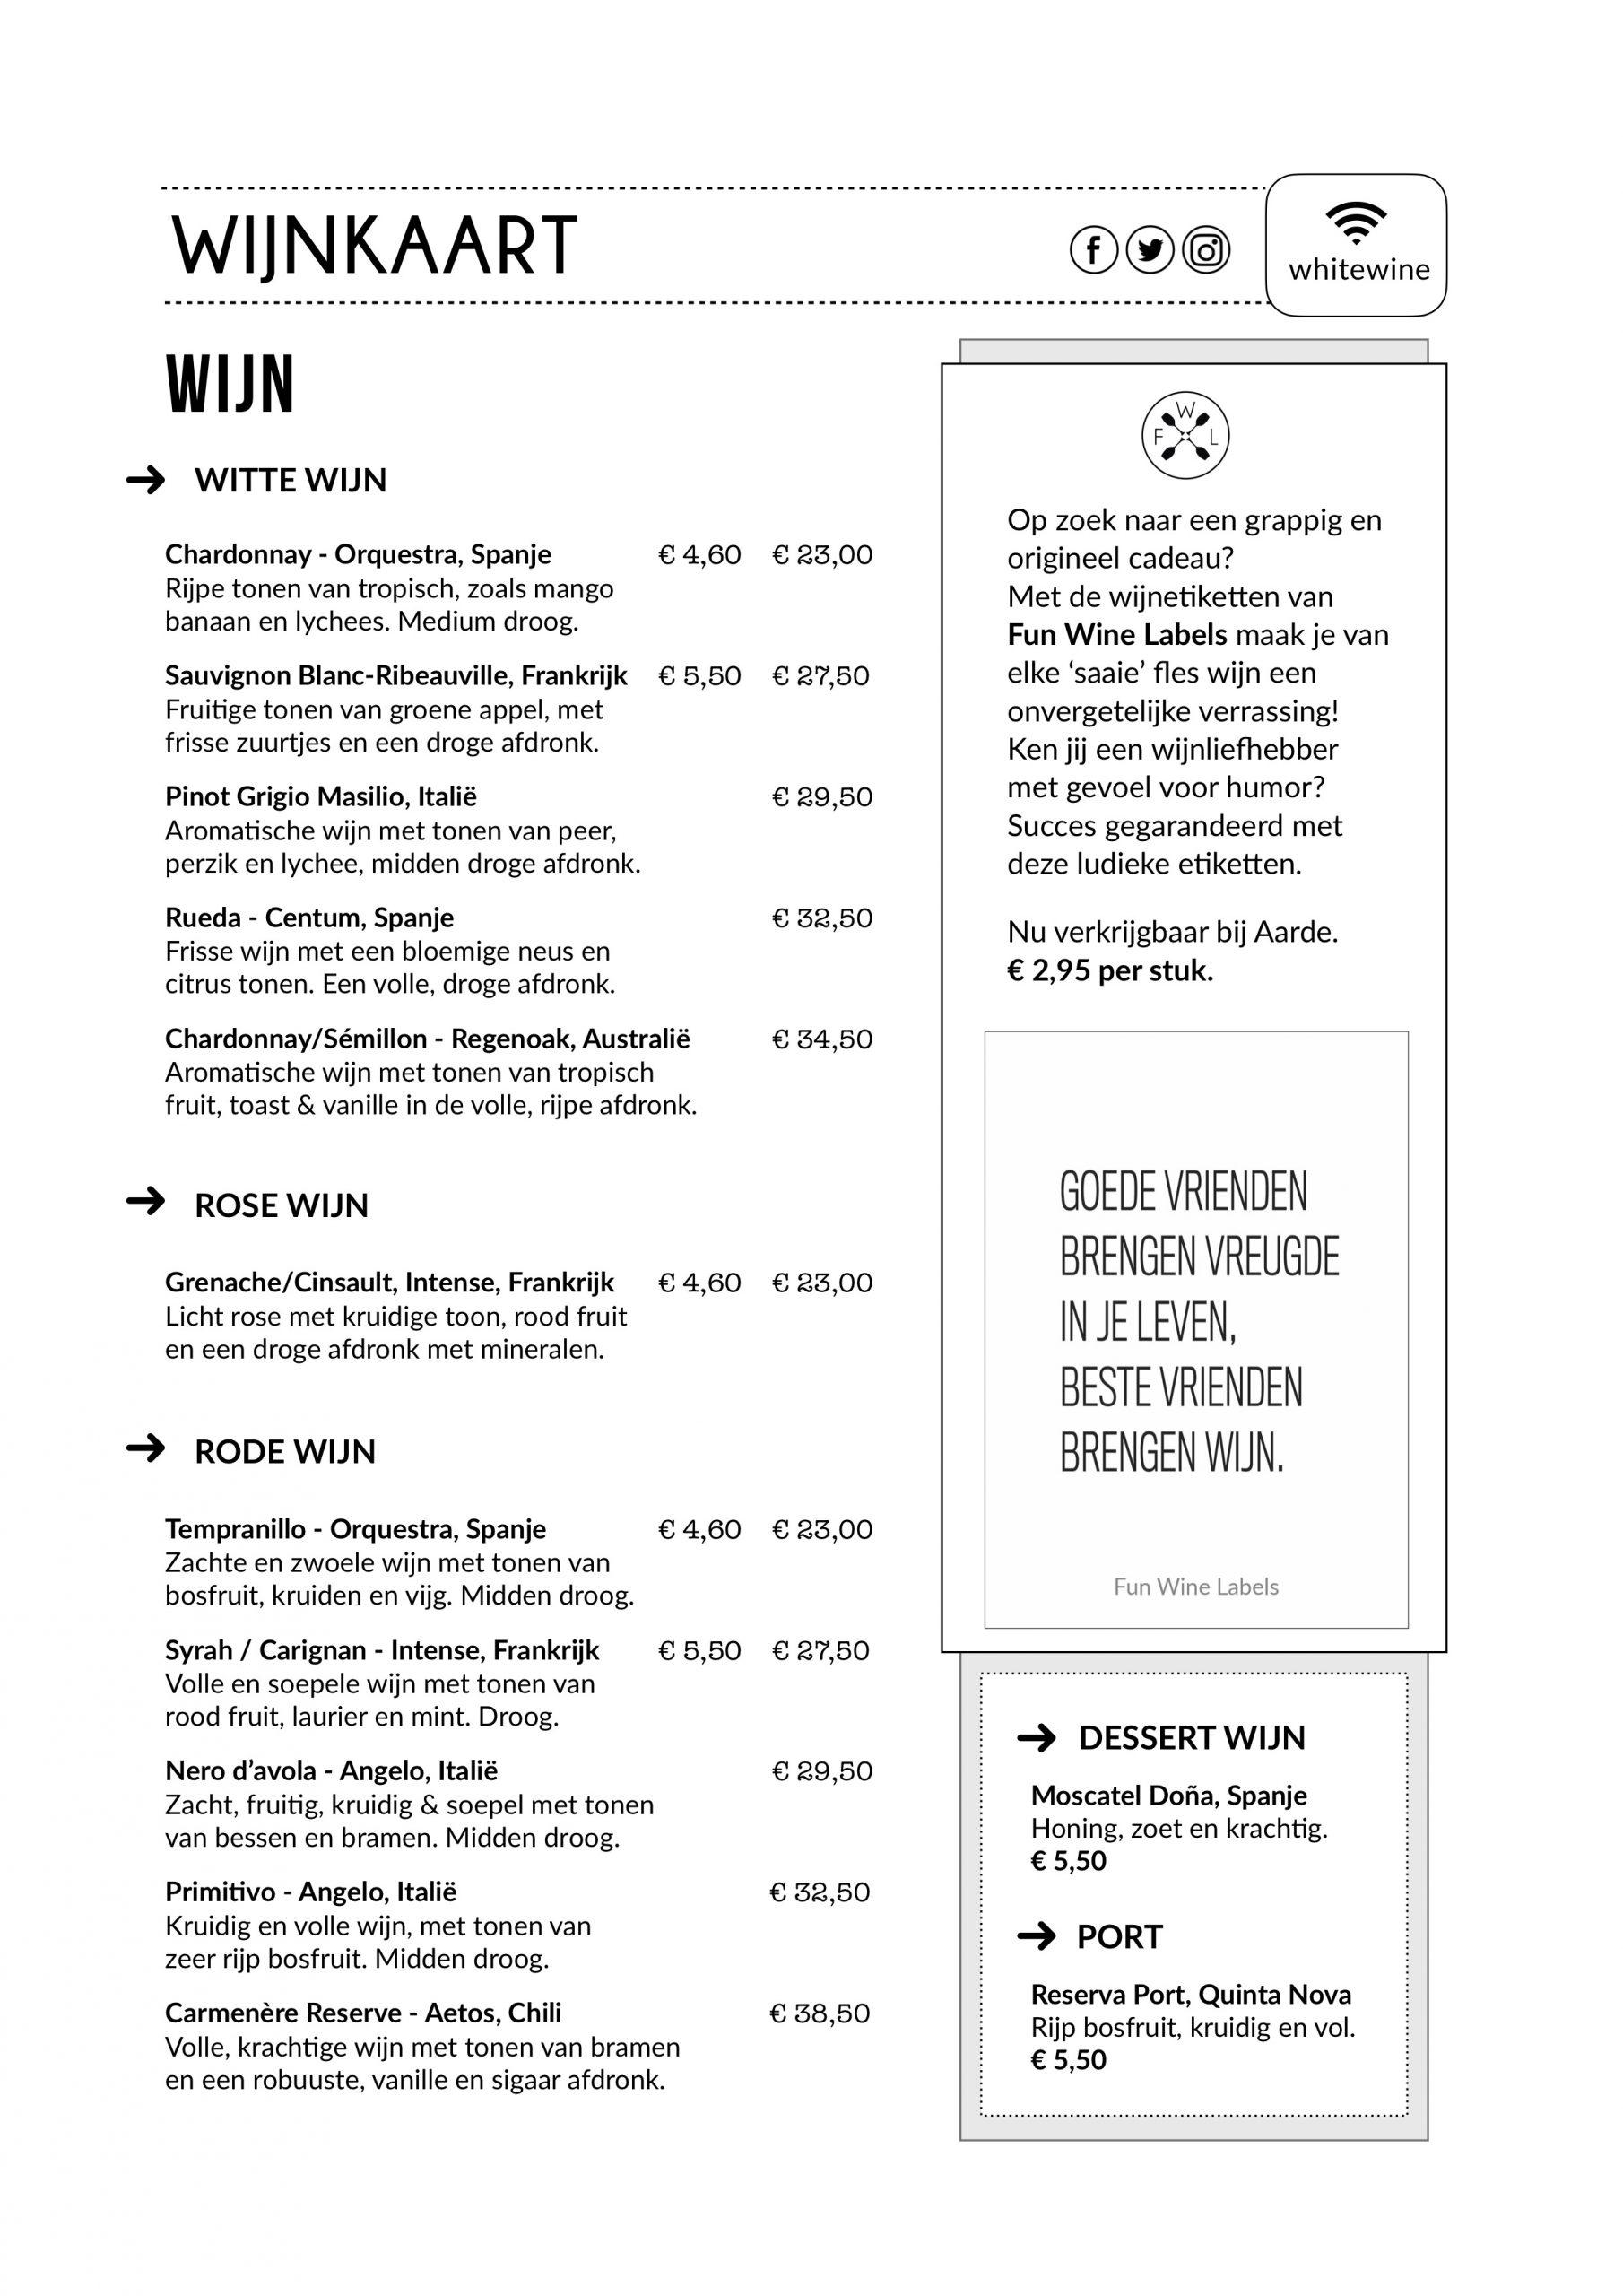 wijnkaart restaurant aarde